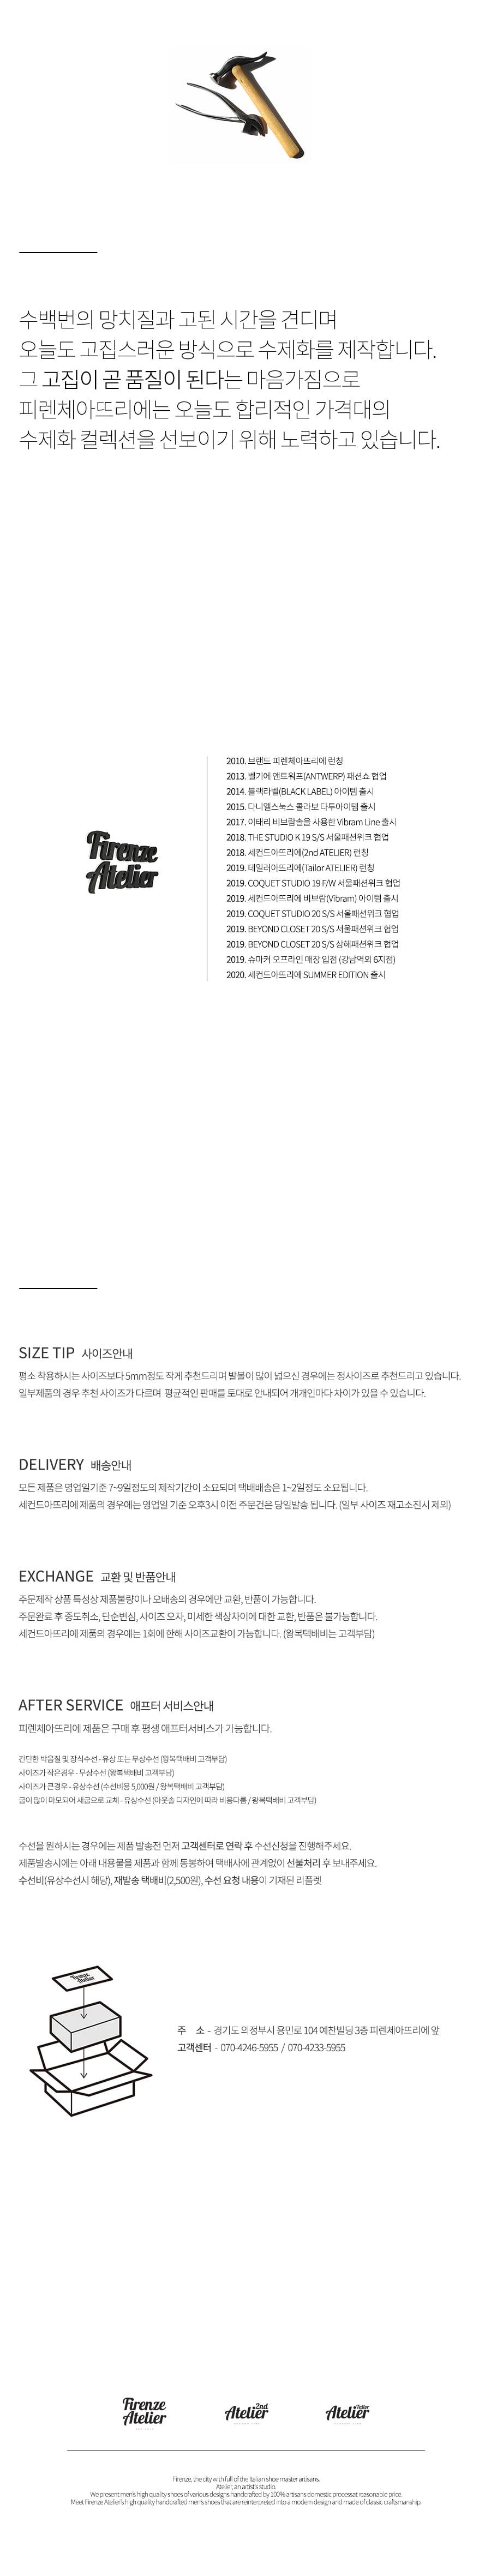 피렌체 아뜨리에(FIRENZE ATELIER) 2nd Atelier 코만도솔 4홀 라운드토 더비슈즈 2NDF 100GB